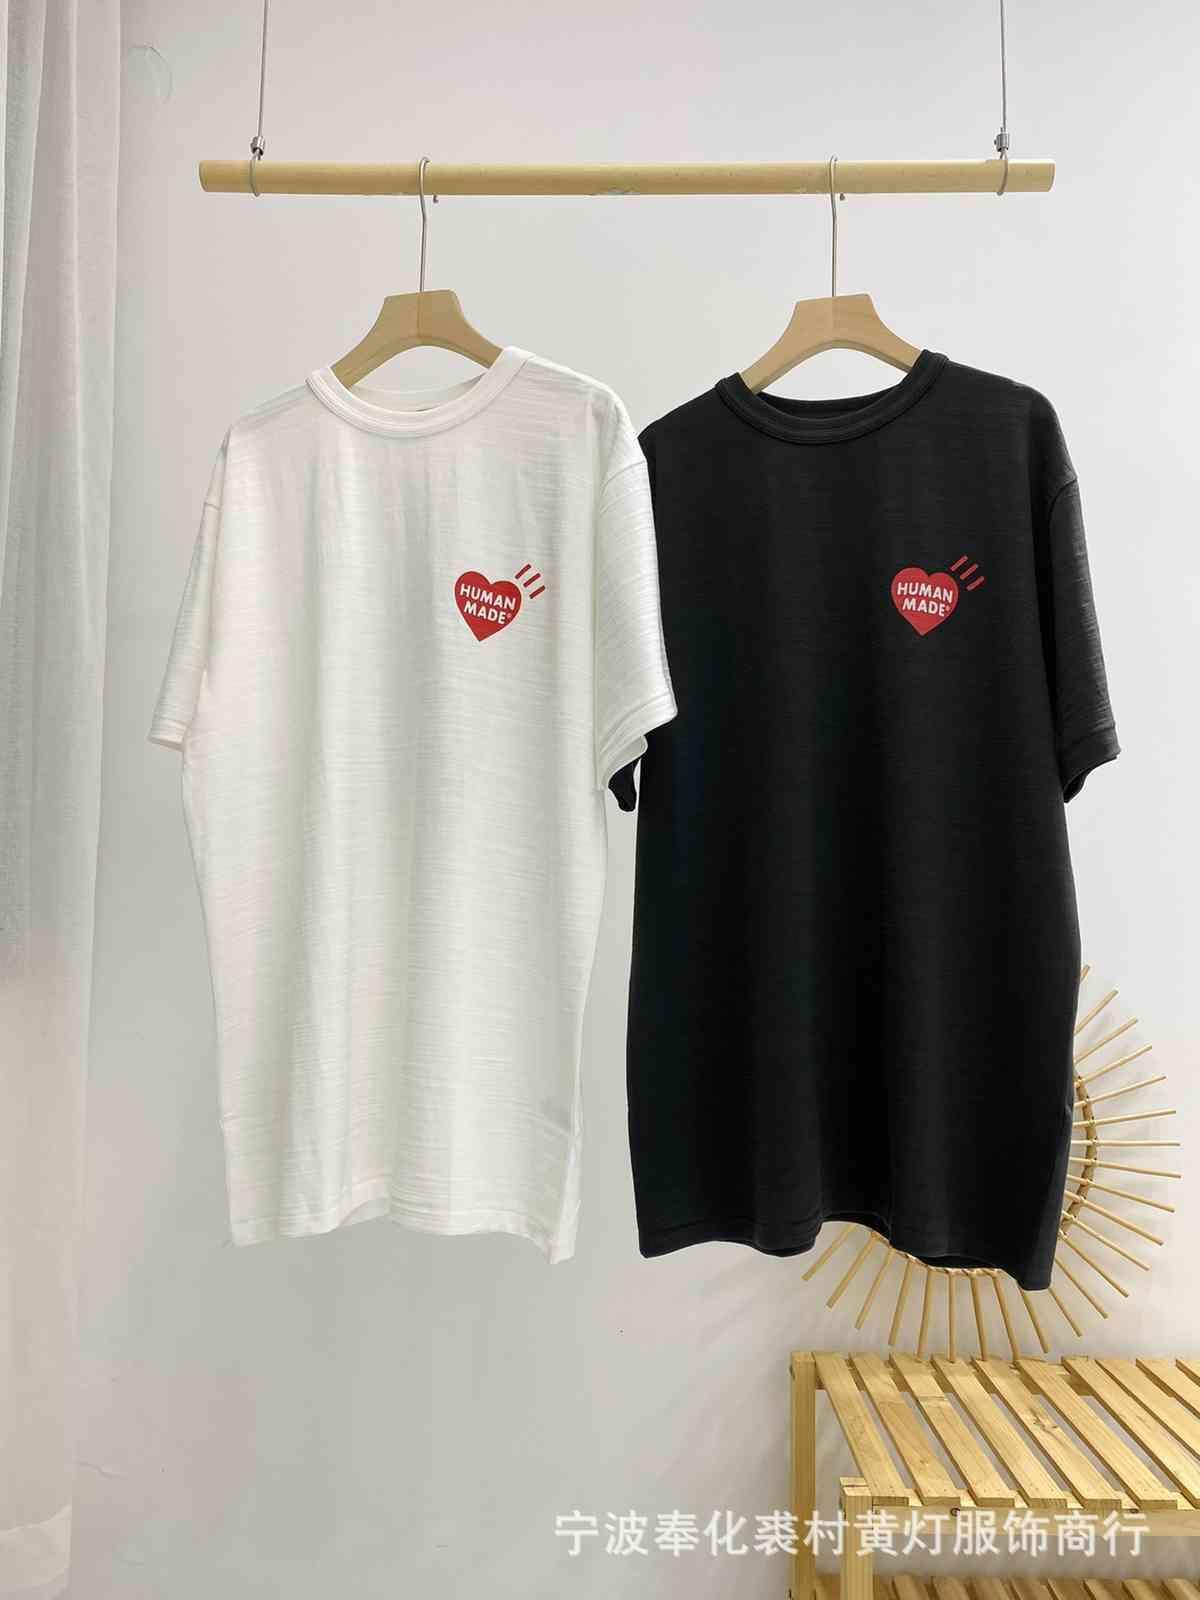 Aşk Pamuk Slubby Ördek İnsan Yapımı Kısa Kollu T-Shirt Brai B9TW